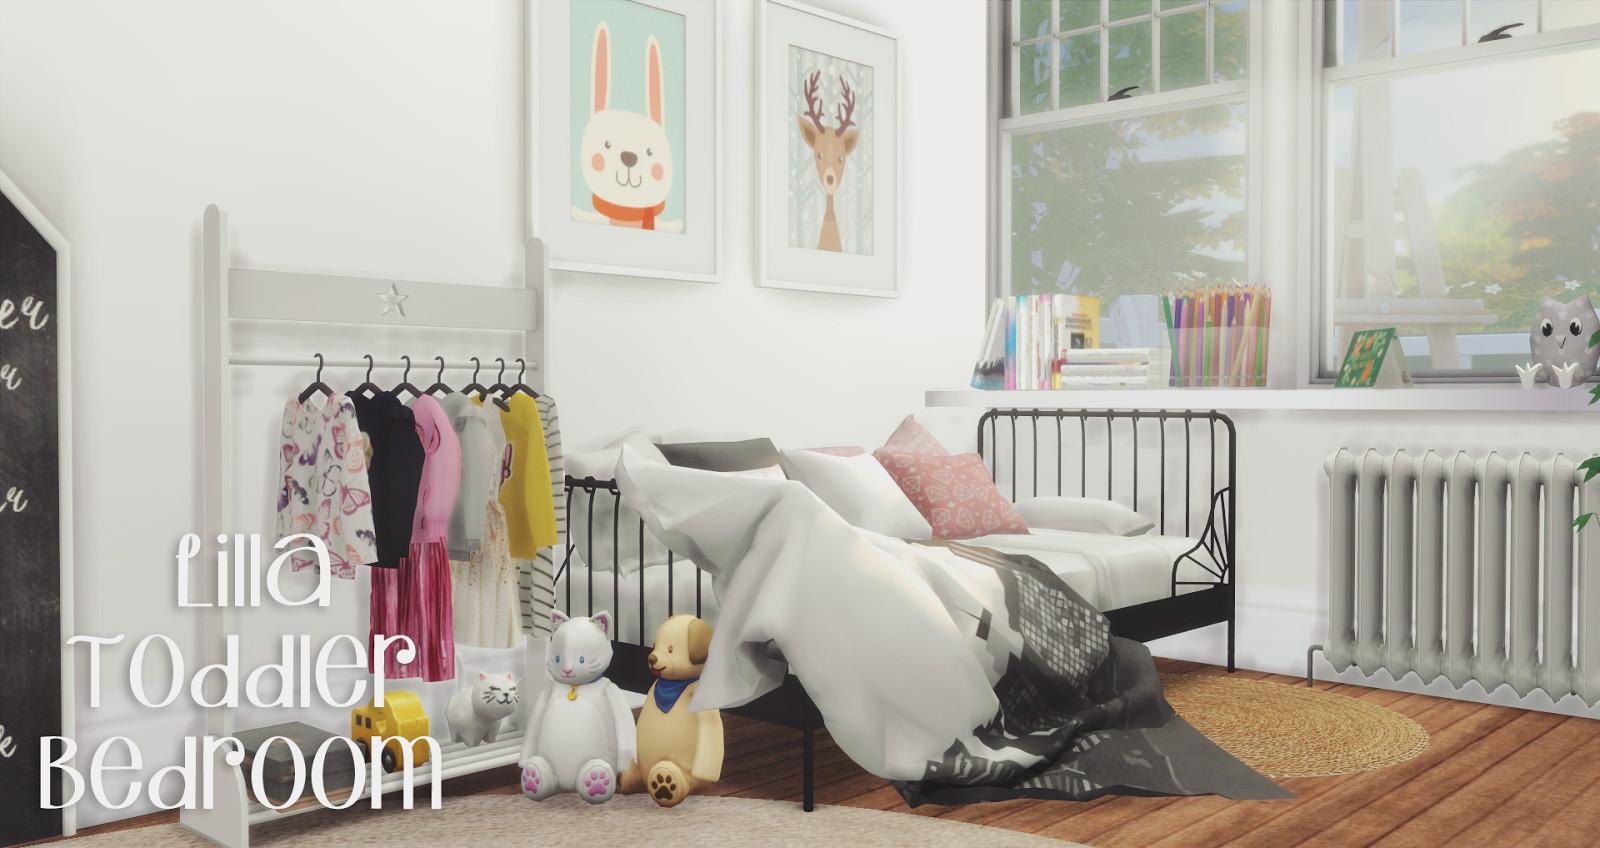 Toddlers Bedroom Furniture Set Inspirational Lilla toddler Bedroom New Set